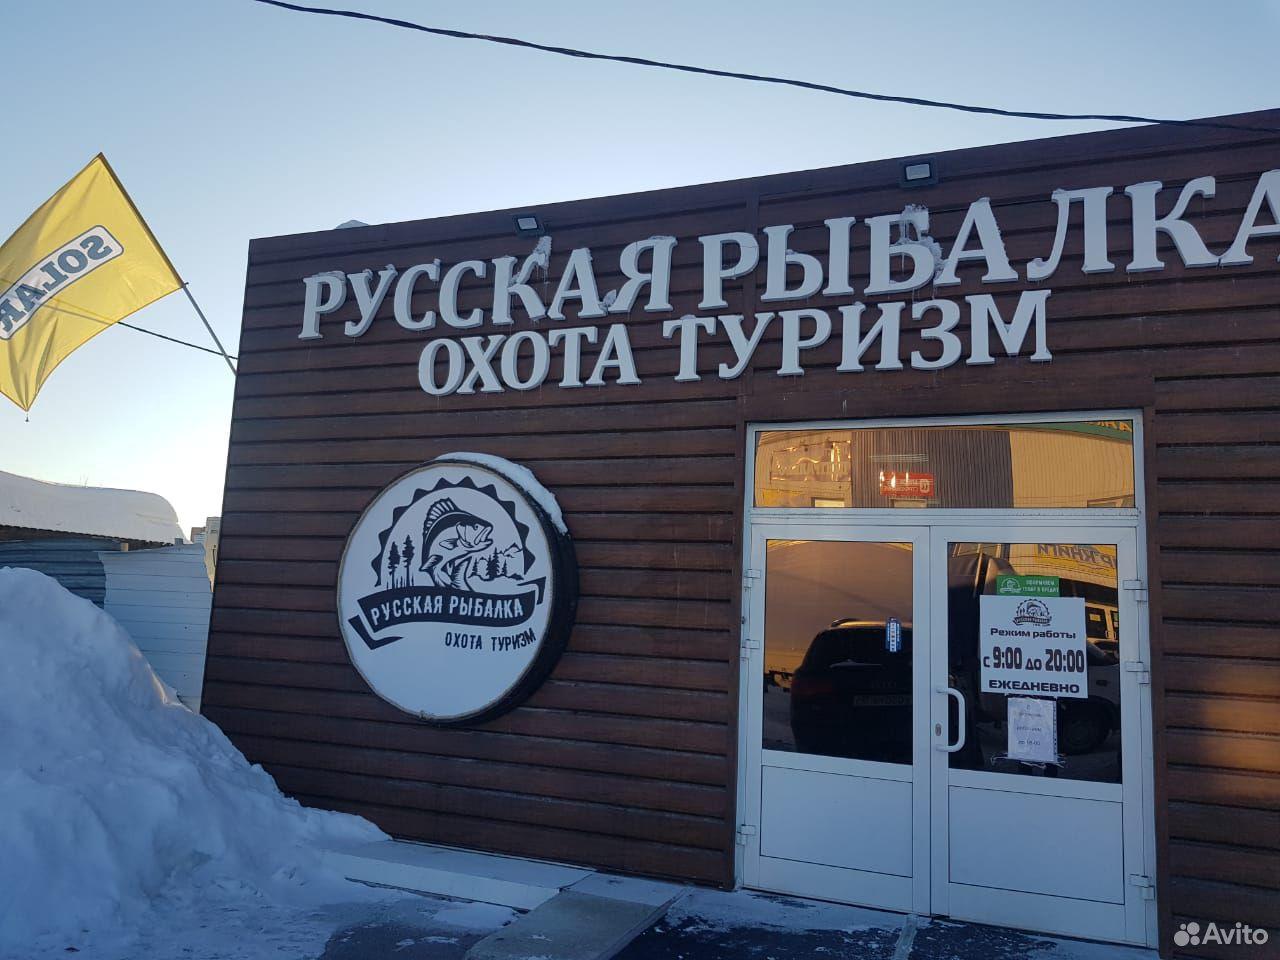 Магазин Русская рыбалка, охота, туризм  89186078447 купить 1